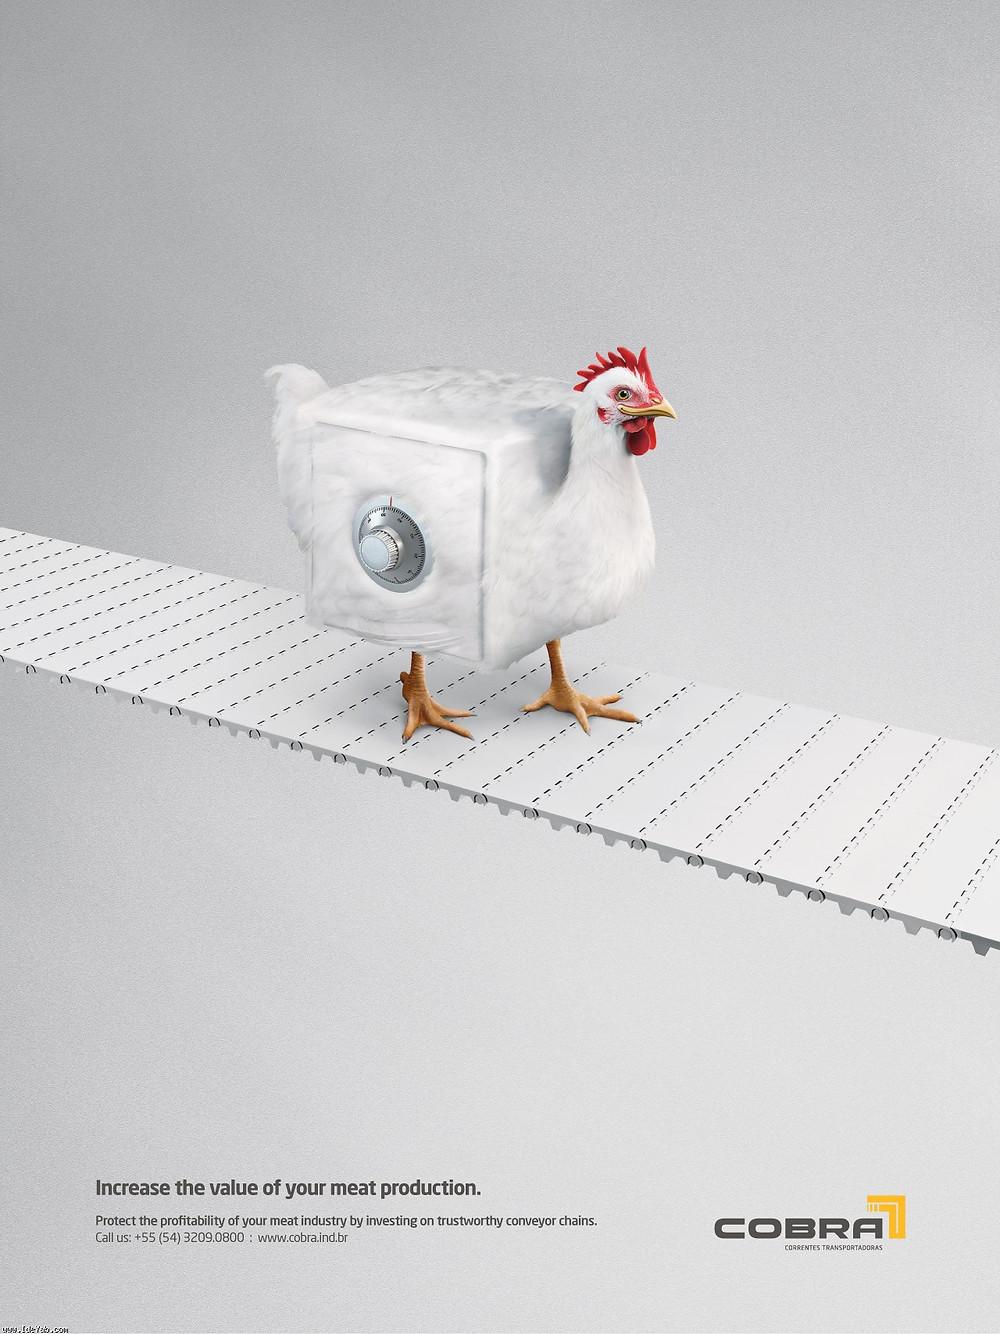 Реклама линейного оборудования бразильской компании COBRA, которая обещает увеличить ценность произведенного мяса.